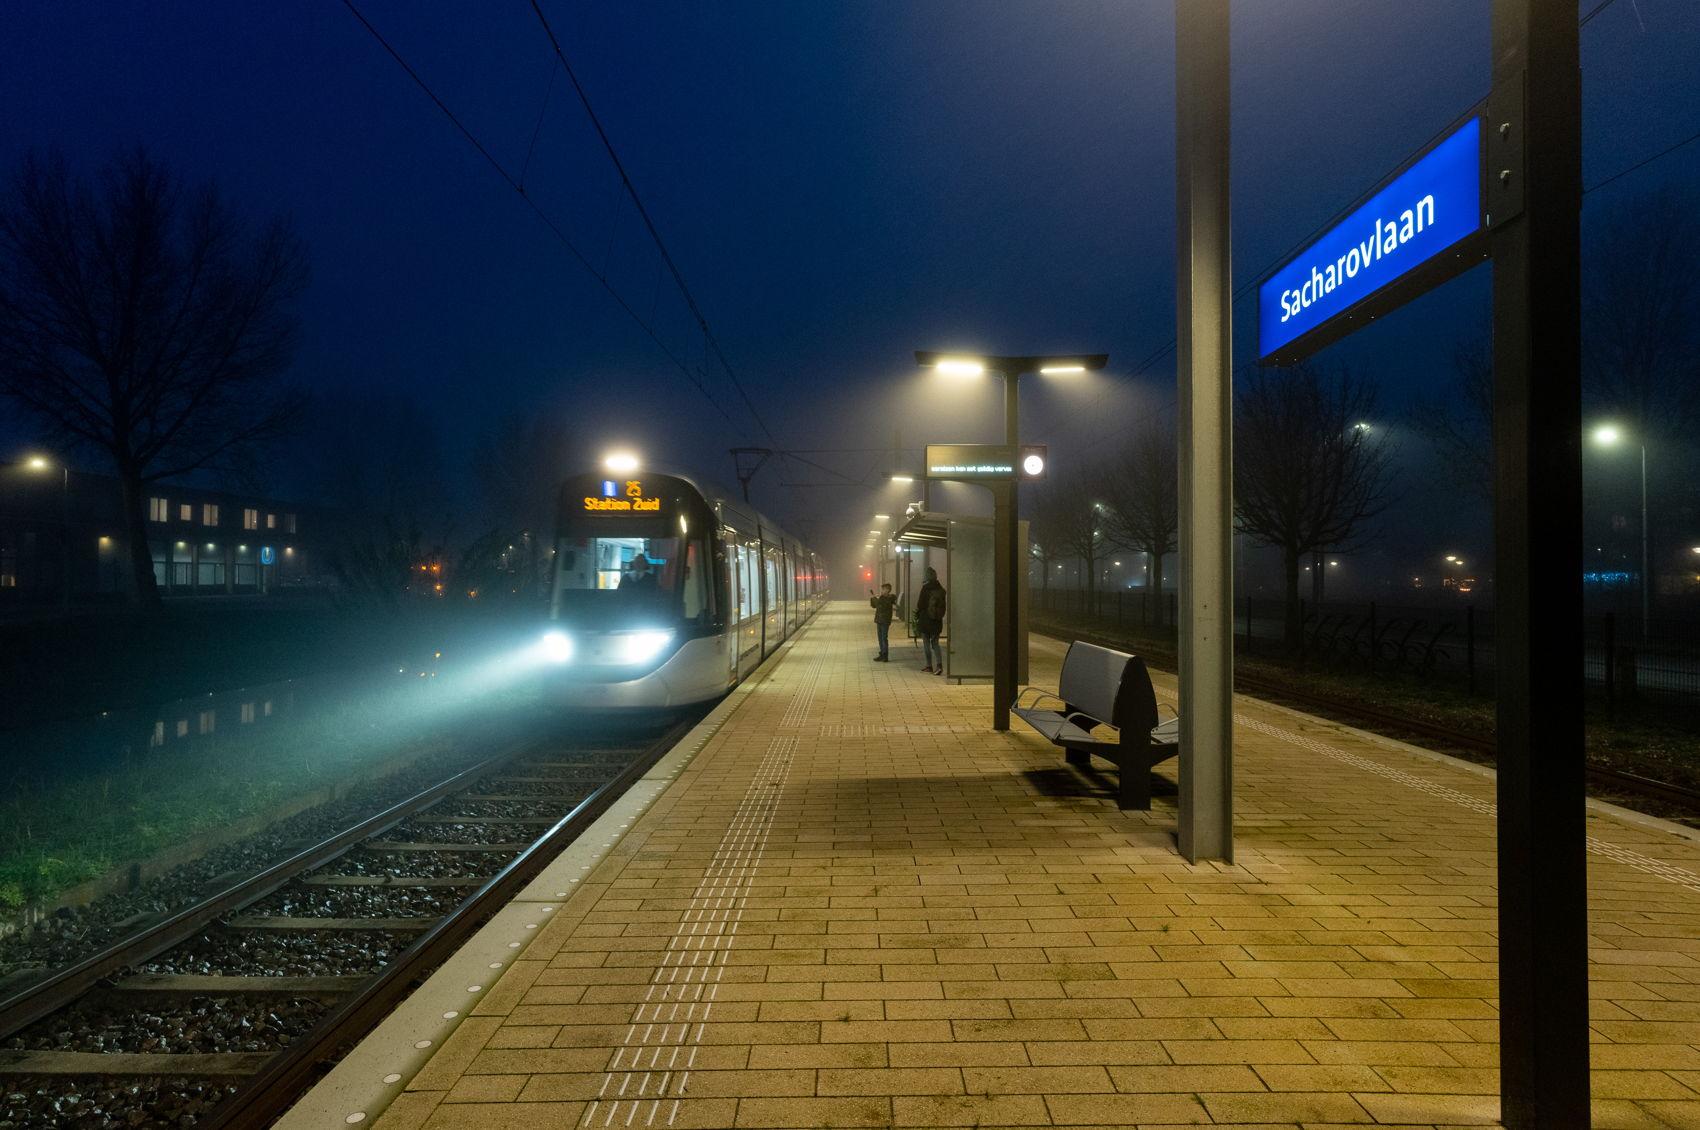 Woensdag 9 december, de eerste dag dat reizigers lijn 25 konden nemen. Een mistige en koude boel was het, maar een beetje fan is erbij!